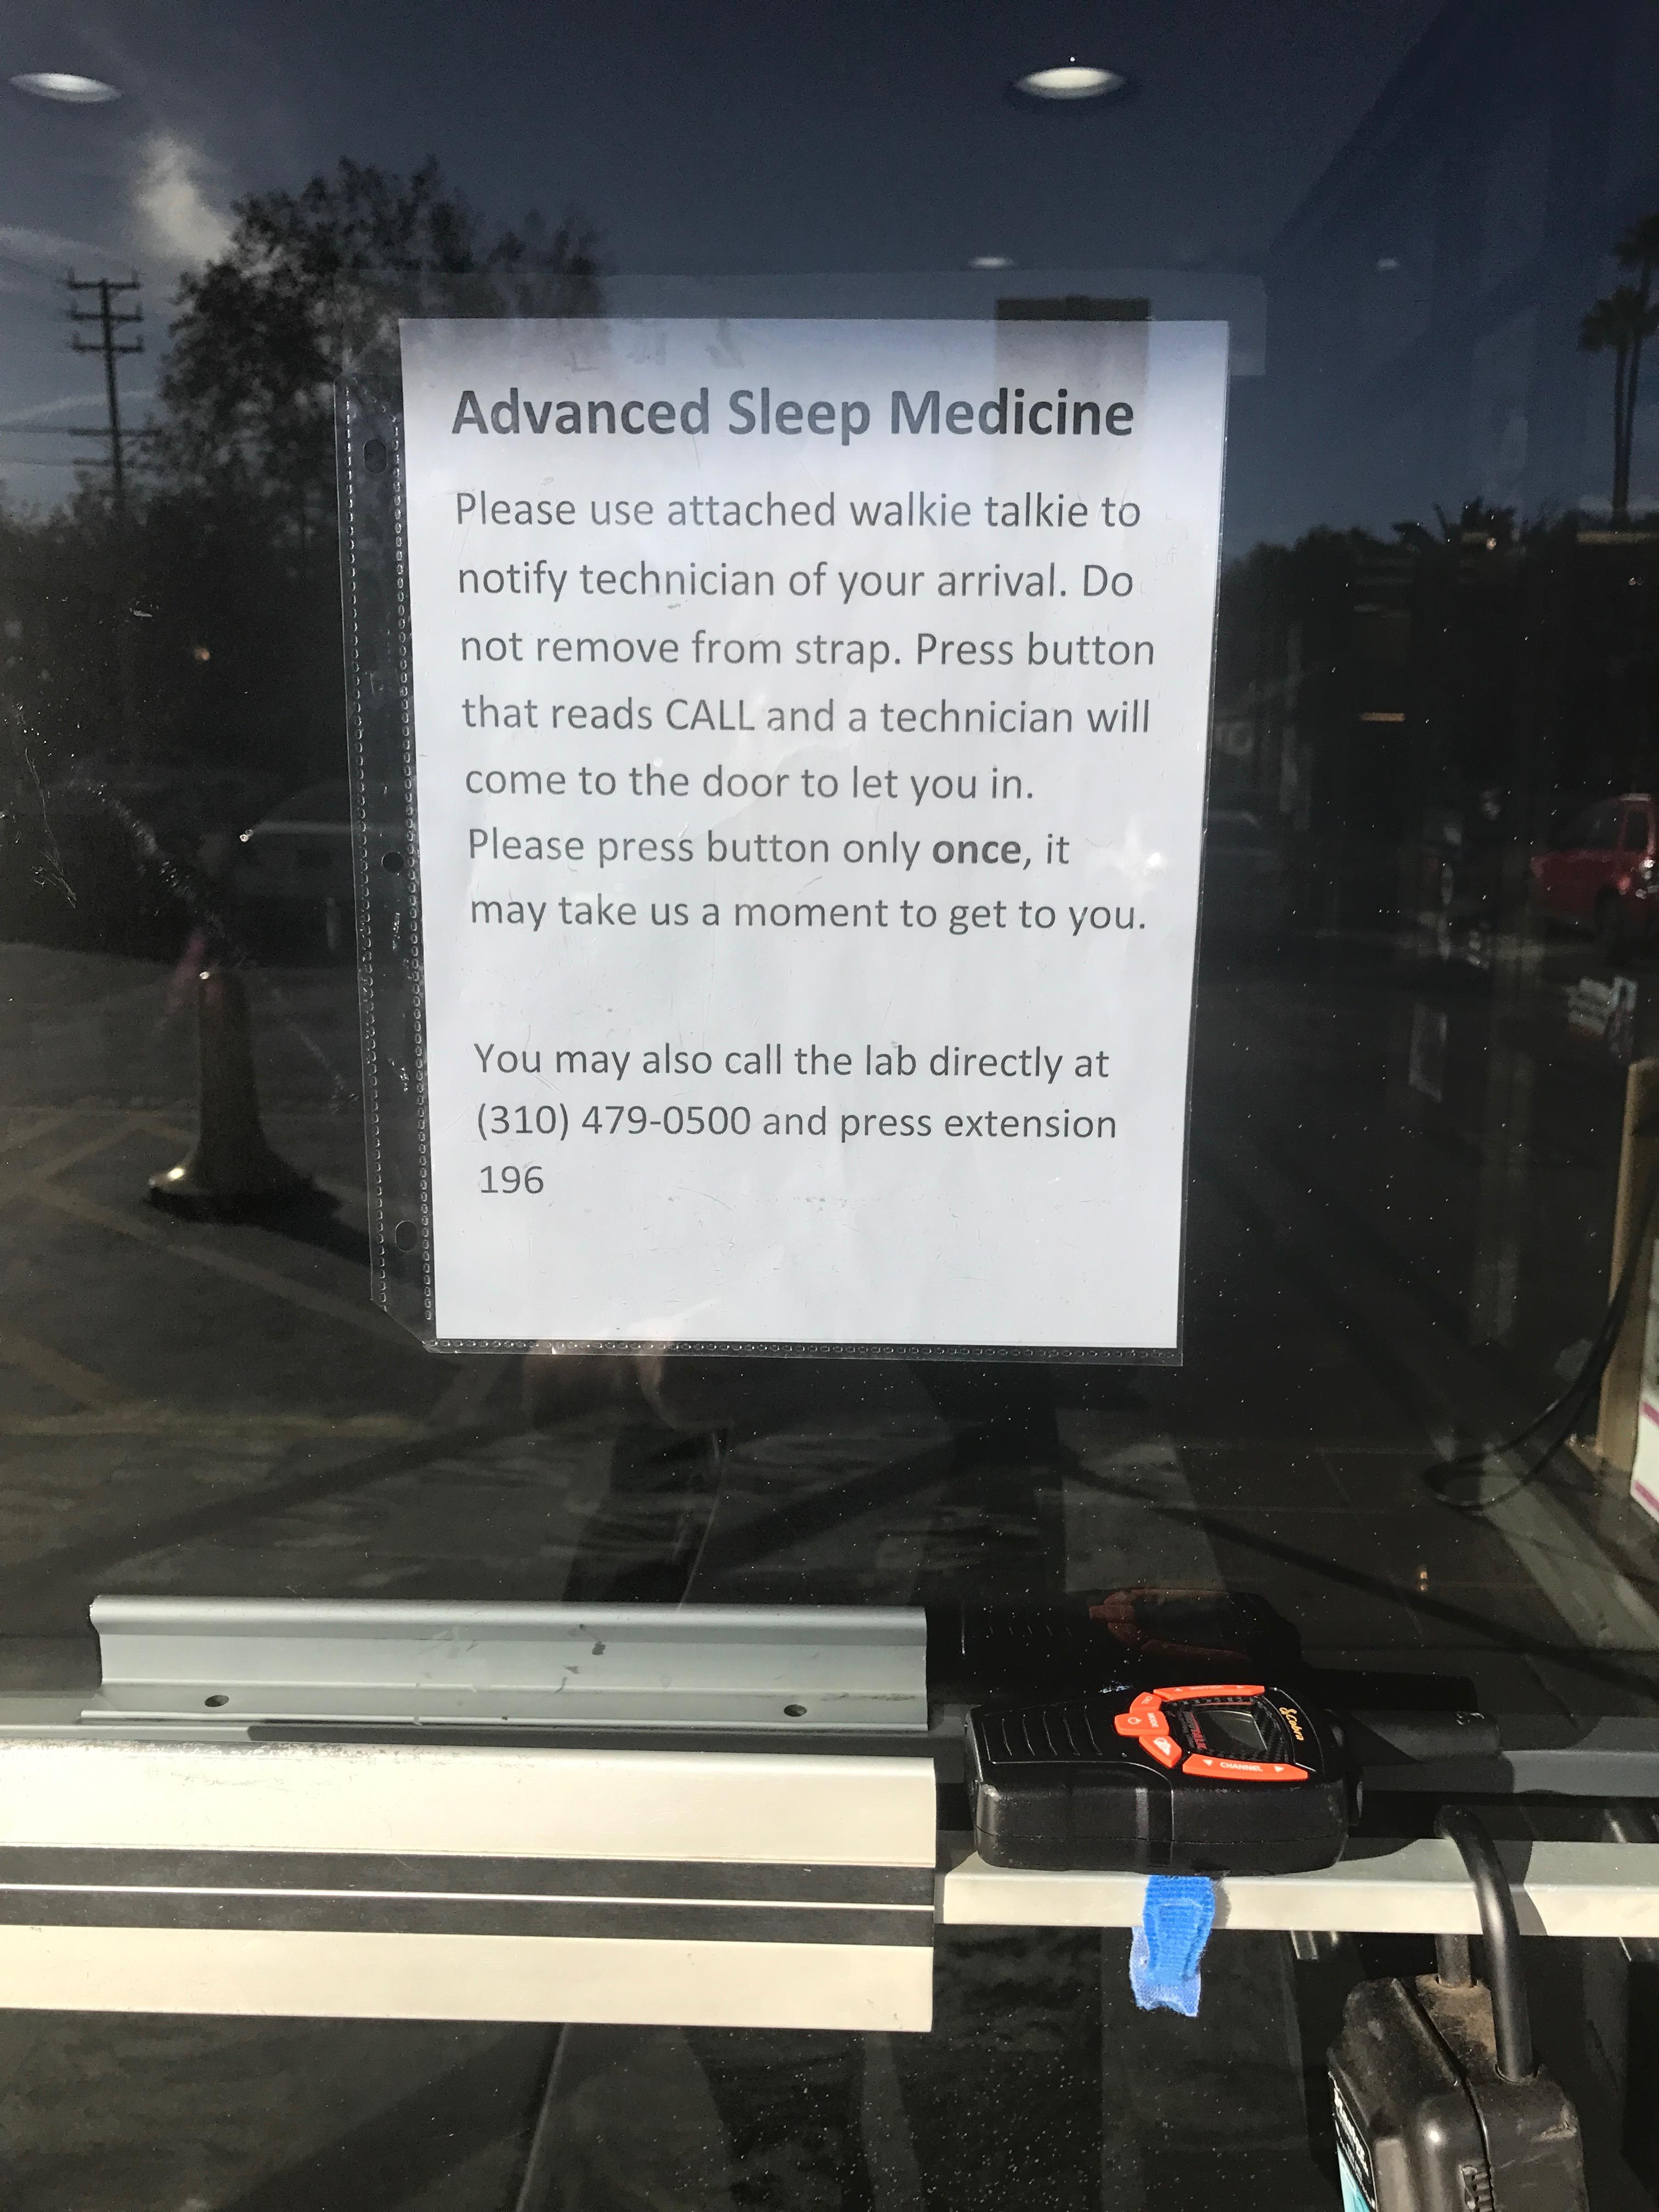 Encino sleep center - Advanced Sleep Medicine Services - entrance